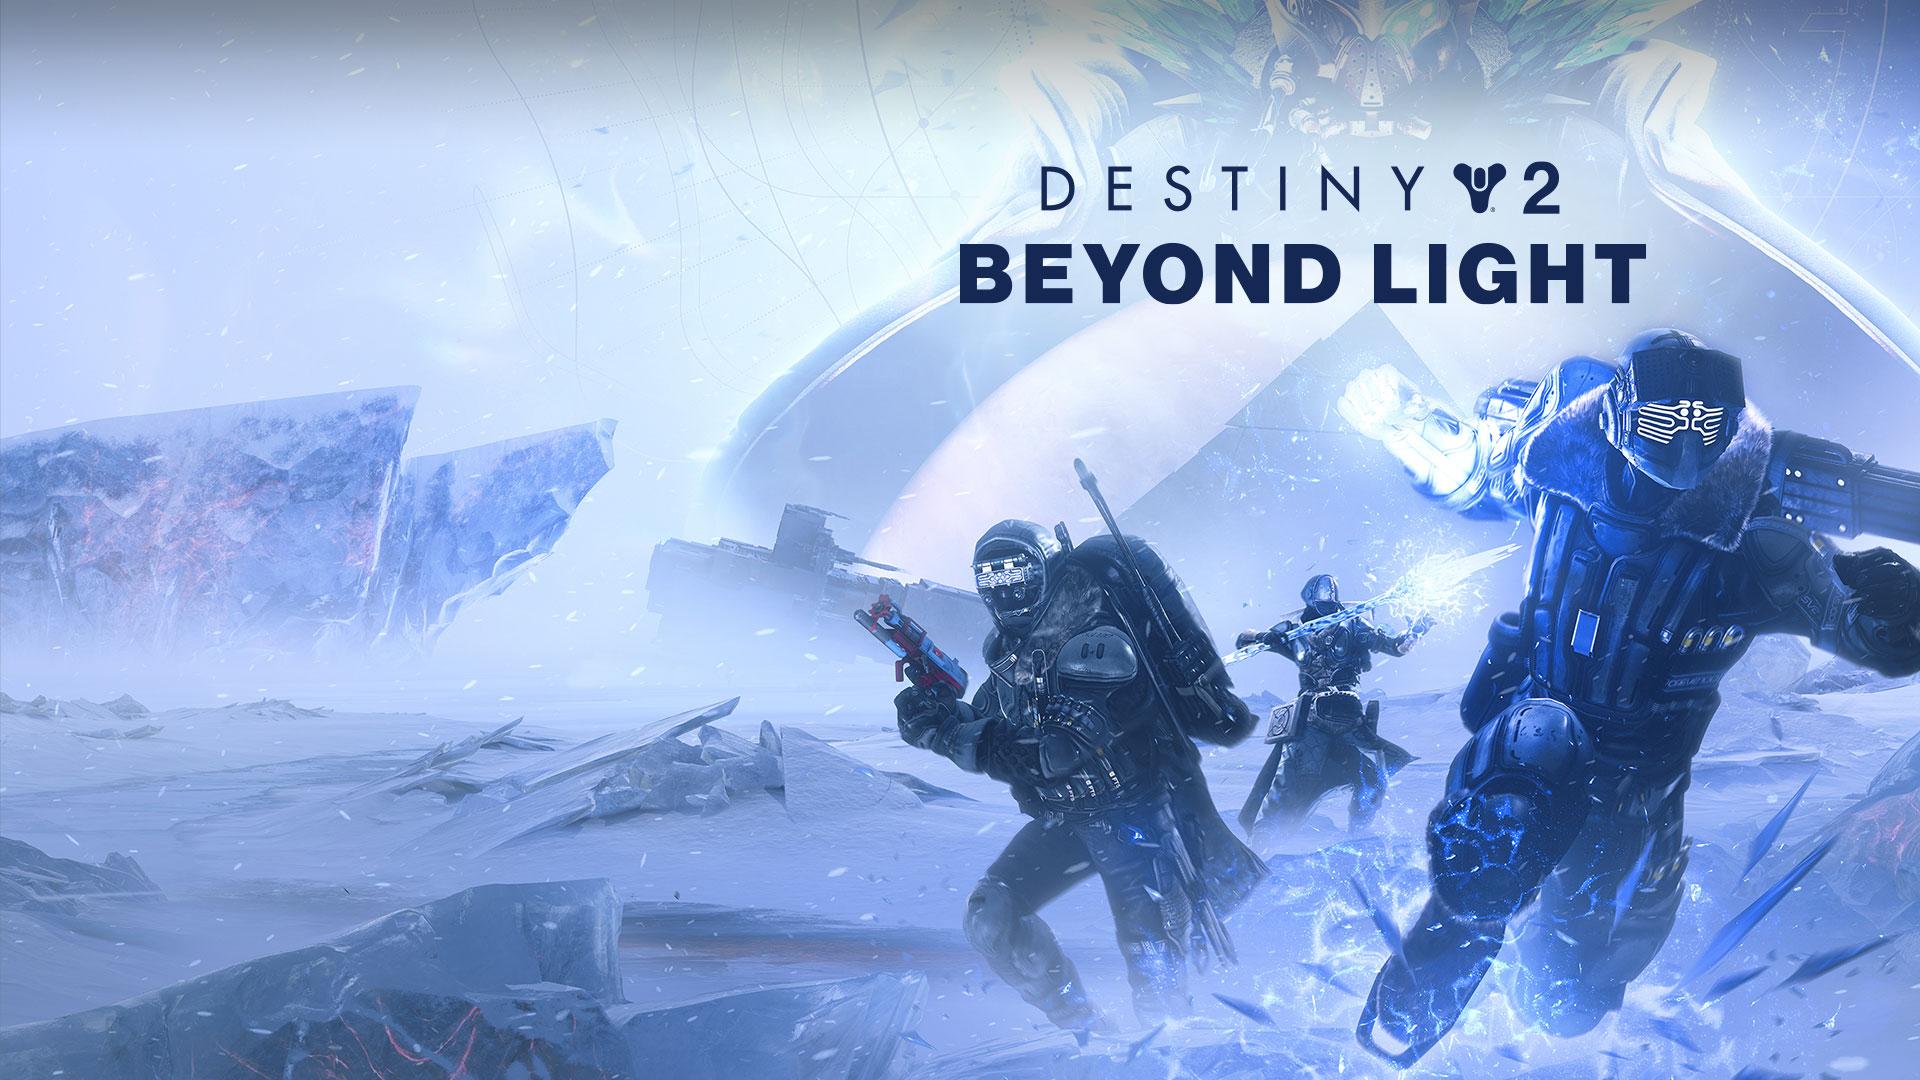 《命运 2:凌光之刻》,3 位守护者在冰原上使用冰影能力